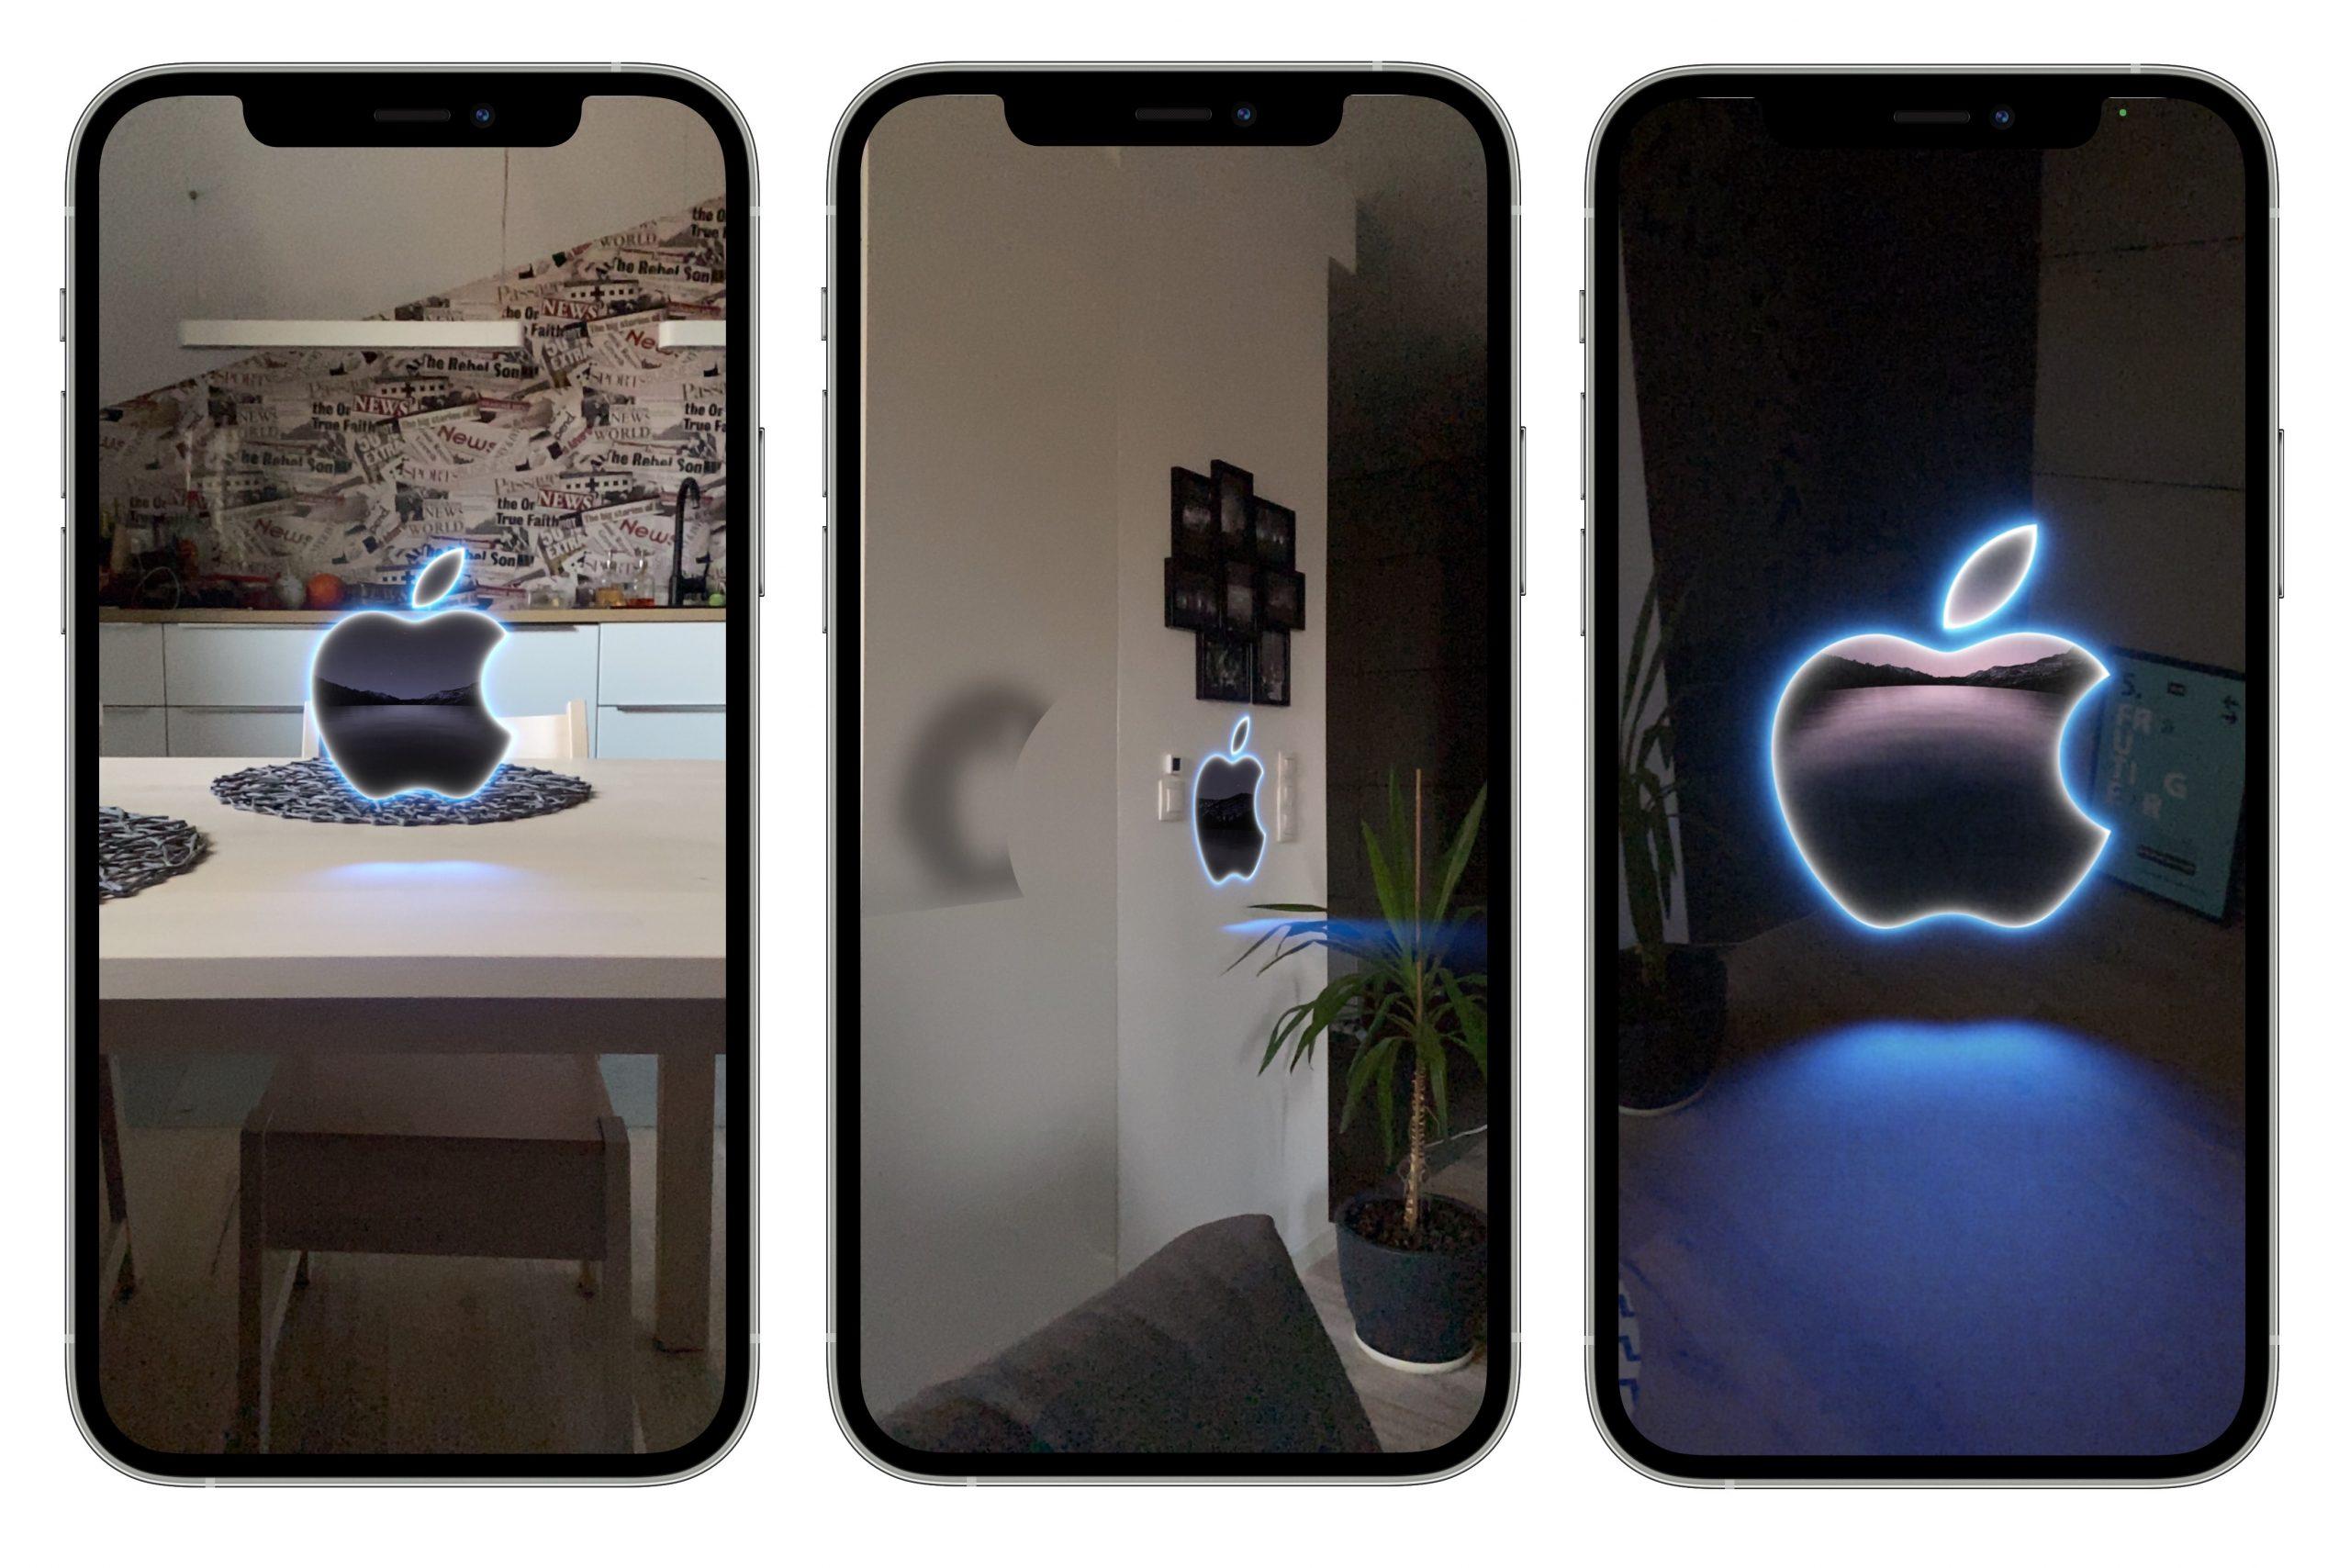 rozszerzona-rzeczywistosc-iPhone